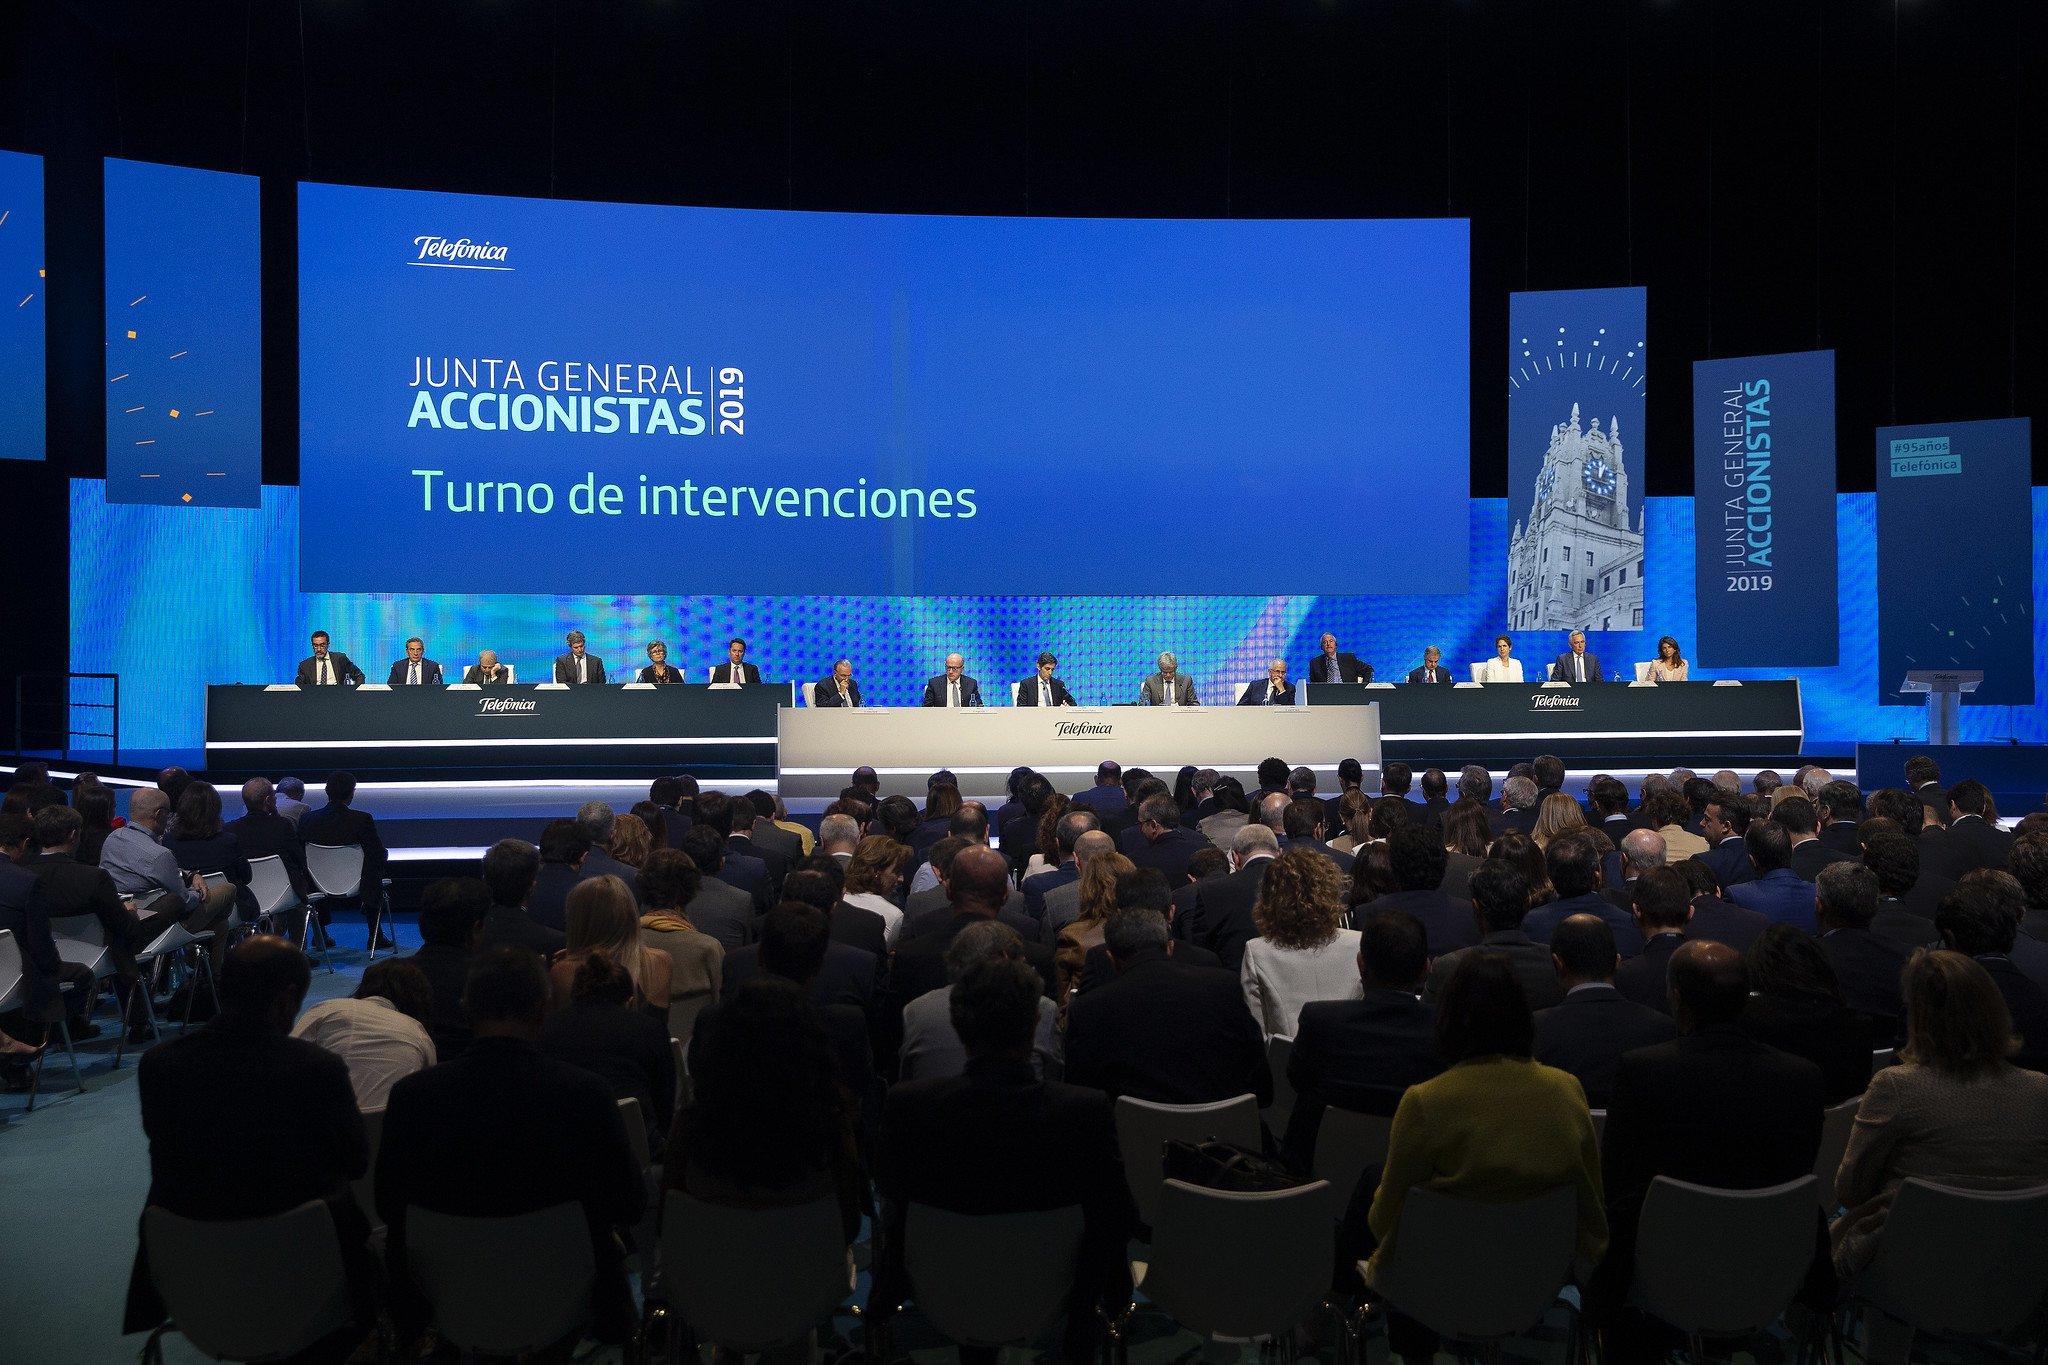 La Junta de Telefónica de 2019 ha sido la más tranquila en muchos años